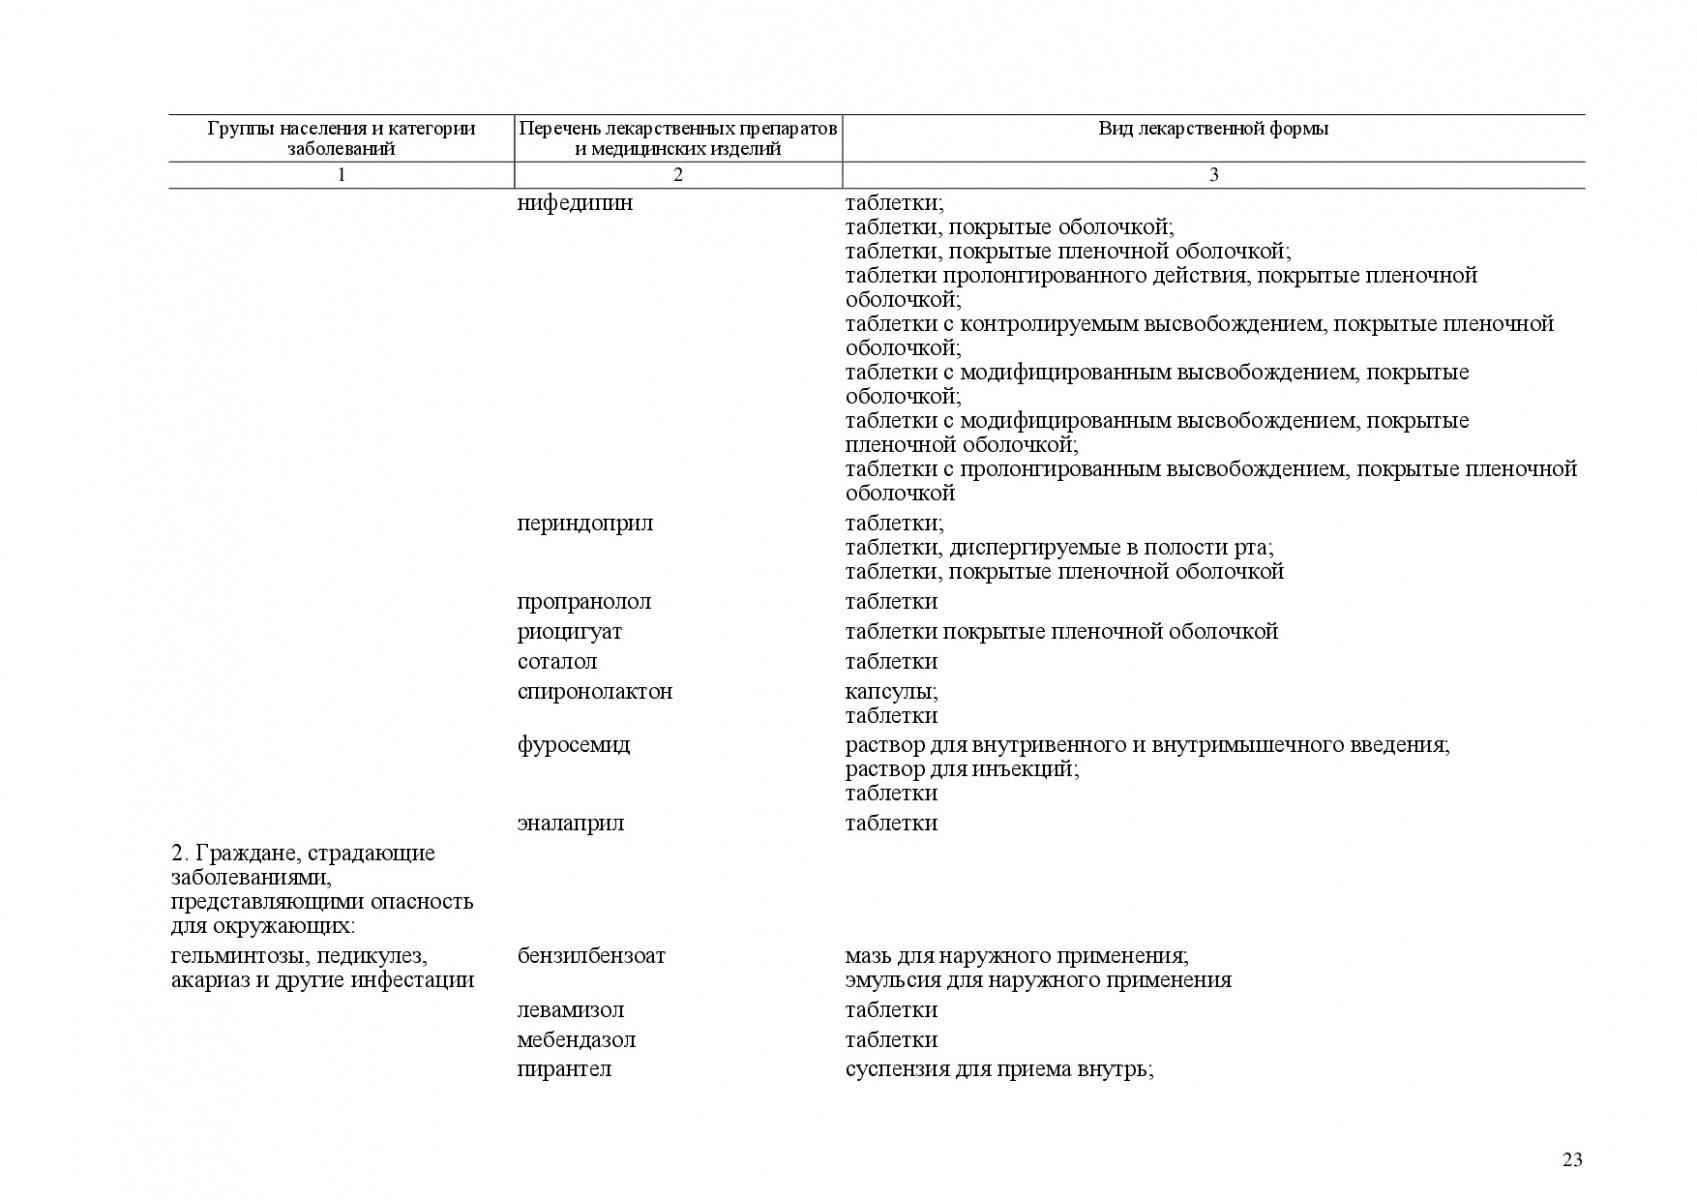 Prilozhenie-6-127-OD-023